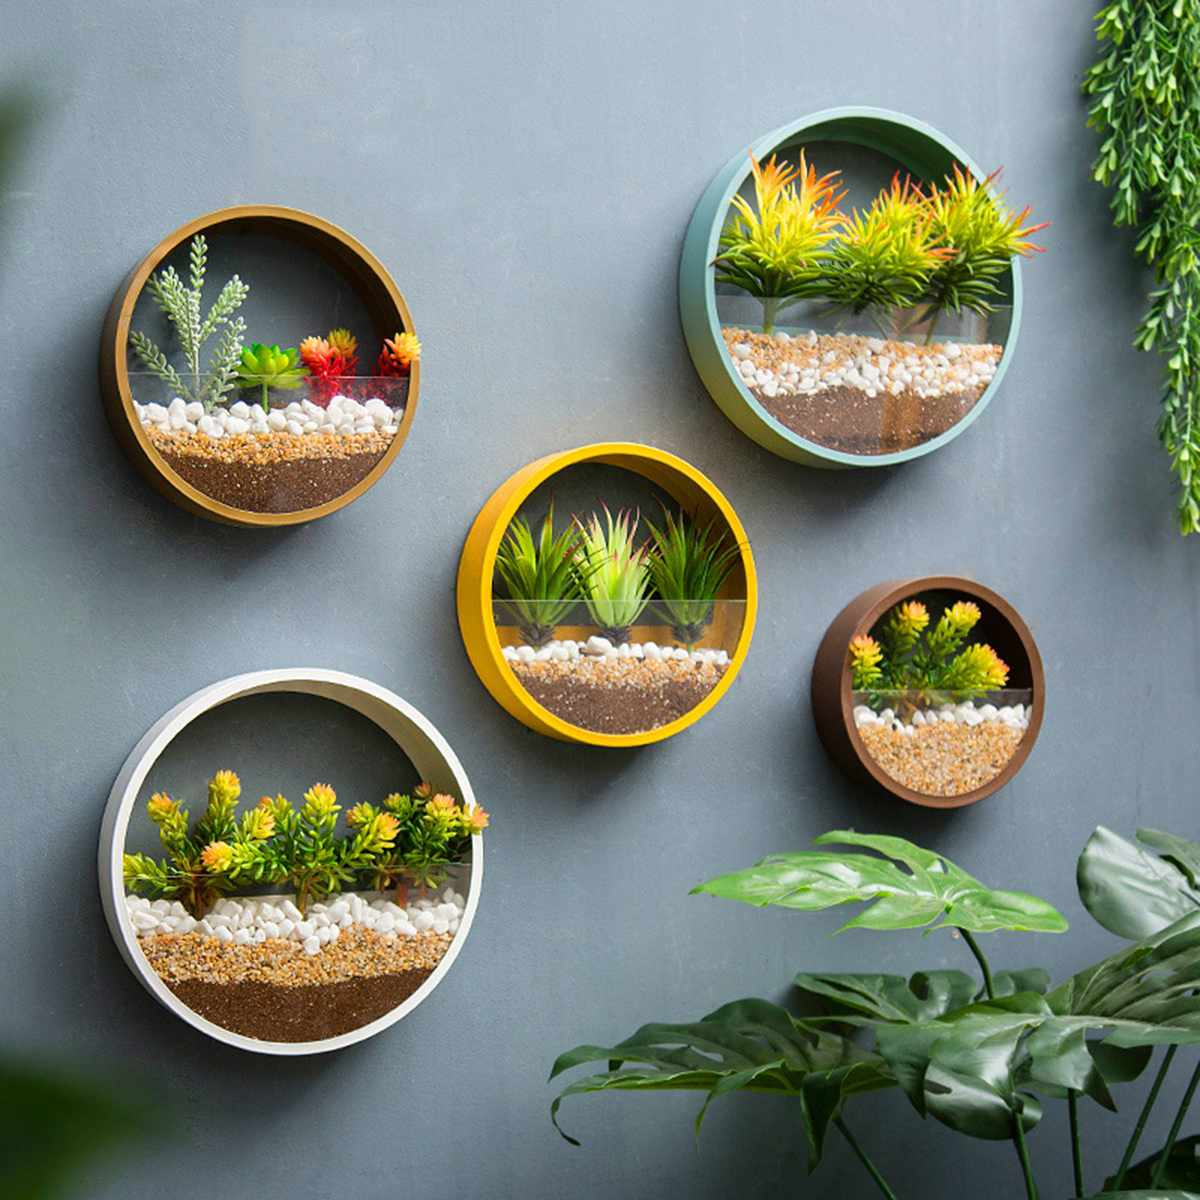 Jarrón de pared de 4 colores, sala de estar, restaurante, maceta de flores colgante, decoración de pared, macetas de plantas suculentas, jarrones redondos de hierro, arte de vidrio